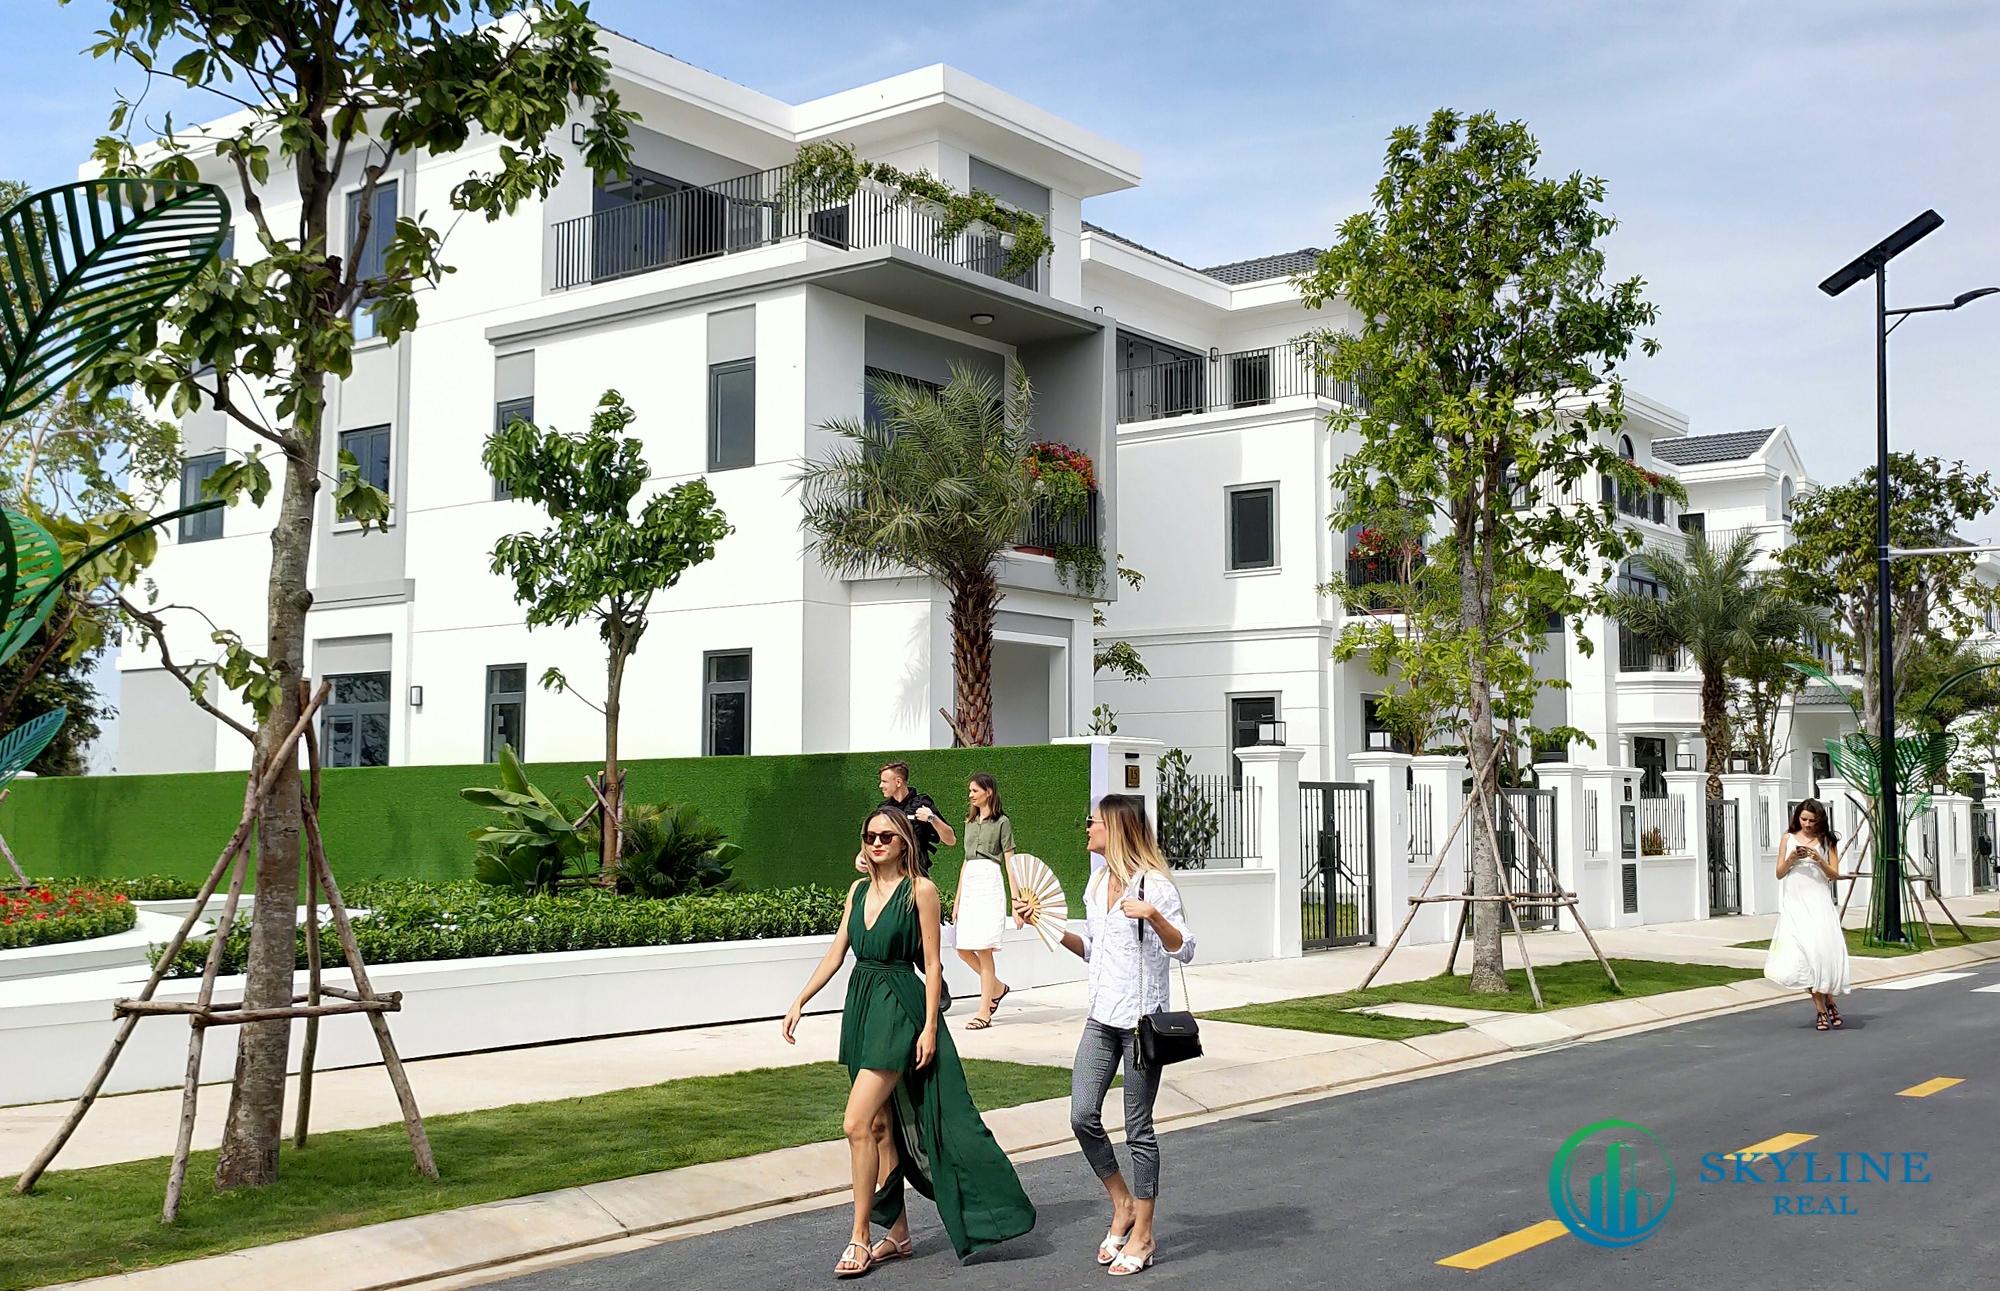 Tổng quan quy hoạch ấy cảm hứng từ những con phố cùng các căn biệt thự ở những điểm thu hút du khách tại trời Âu.